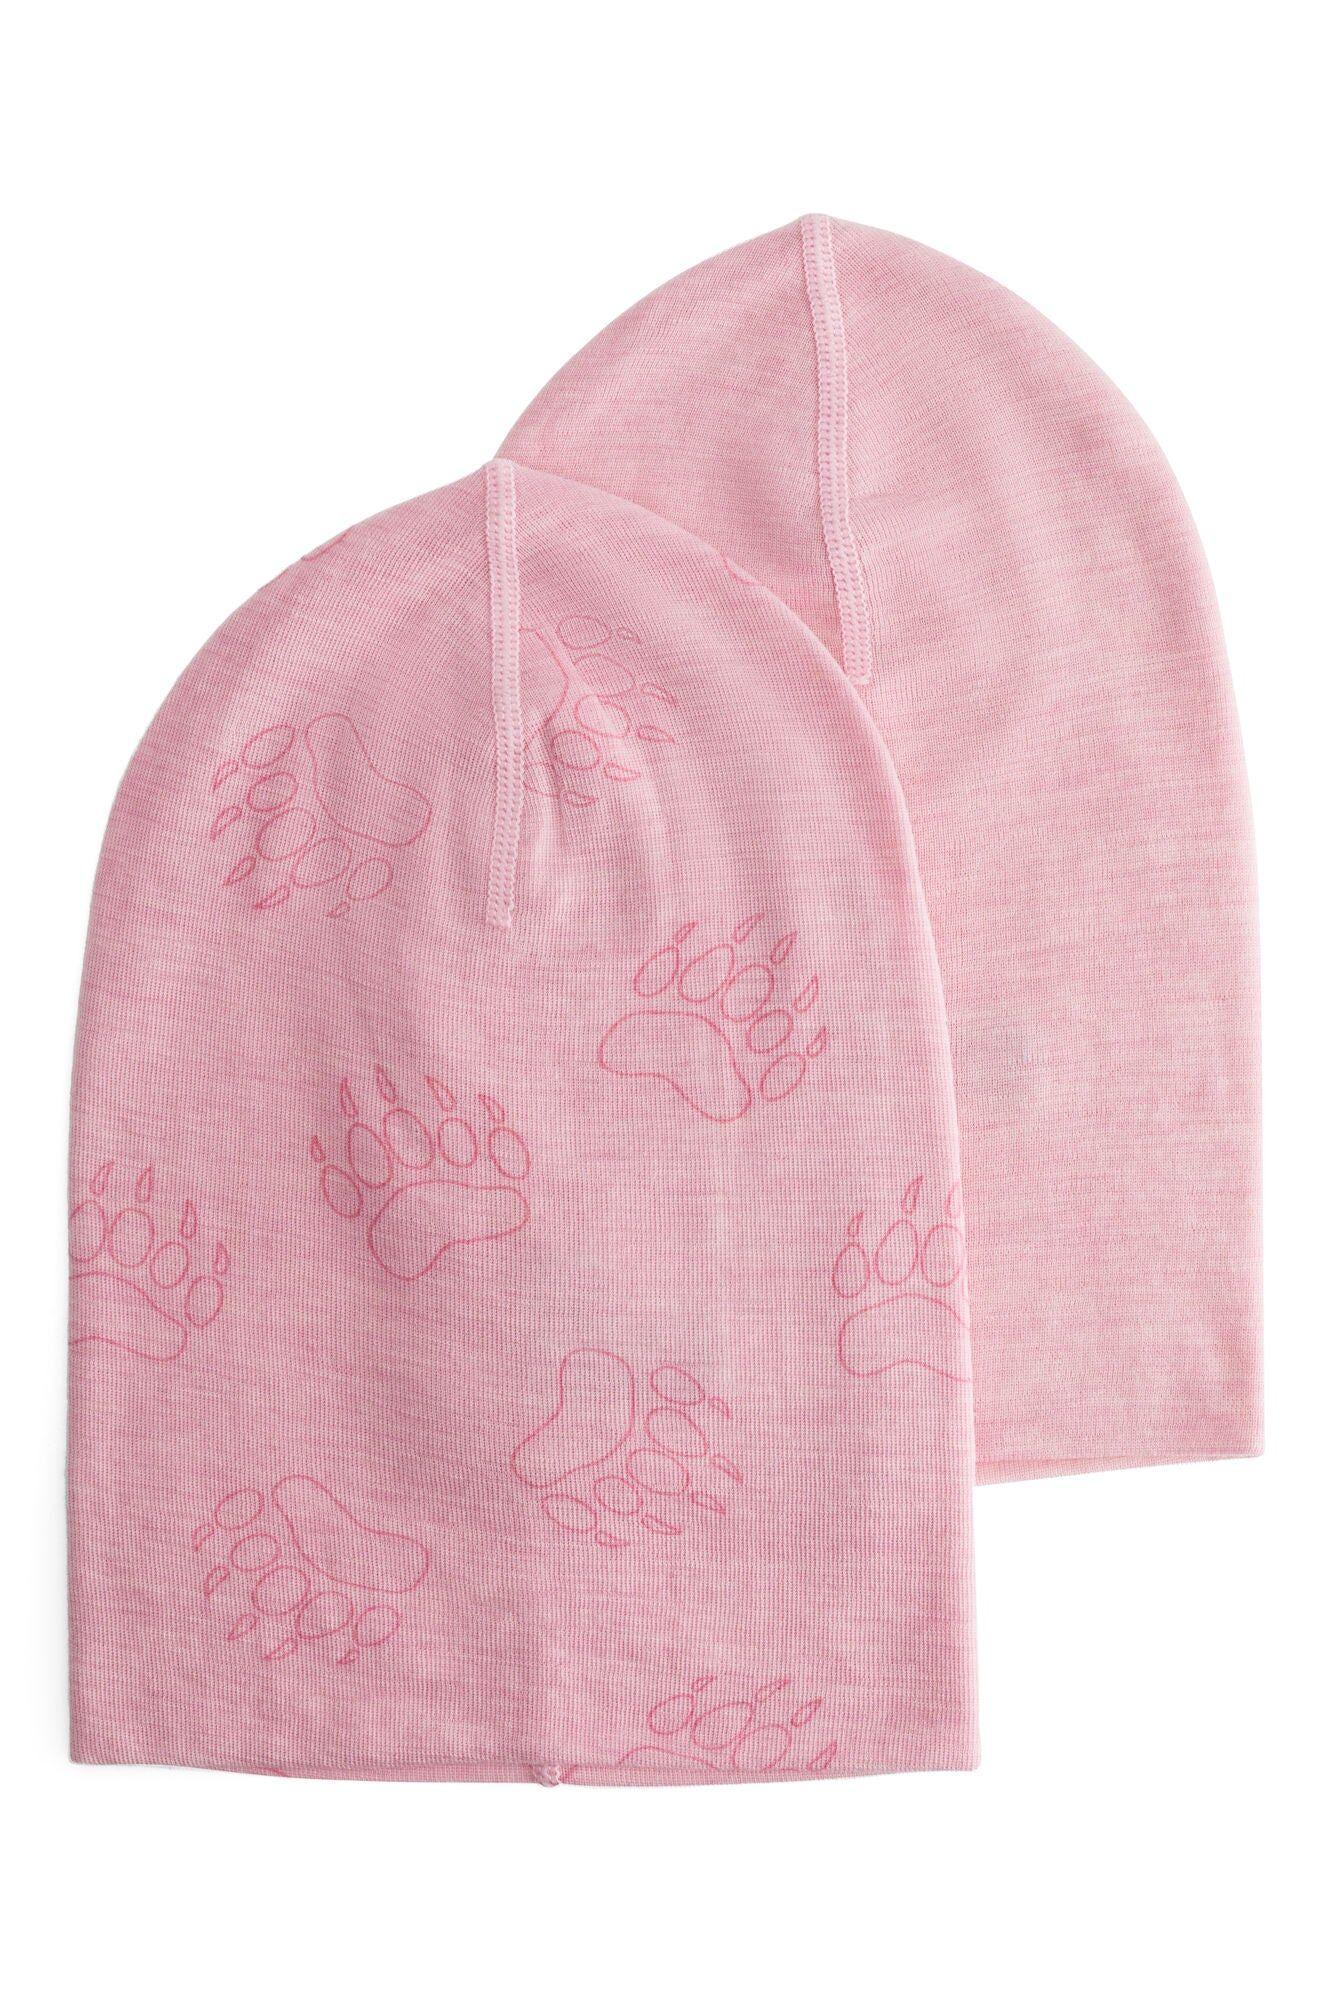 ad7e1b0f Leter du etter Øvrige accessories Nordbjørn-Regntøy-Solid-Soft-Pink ...